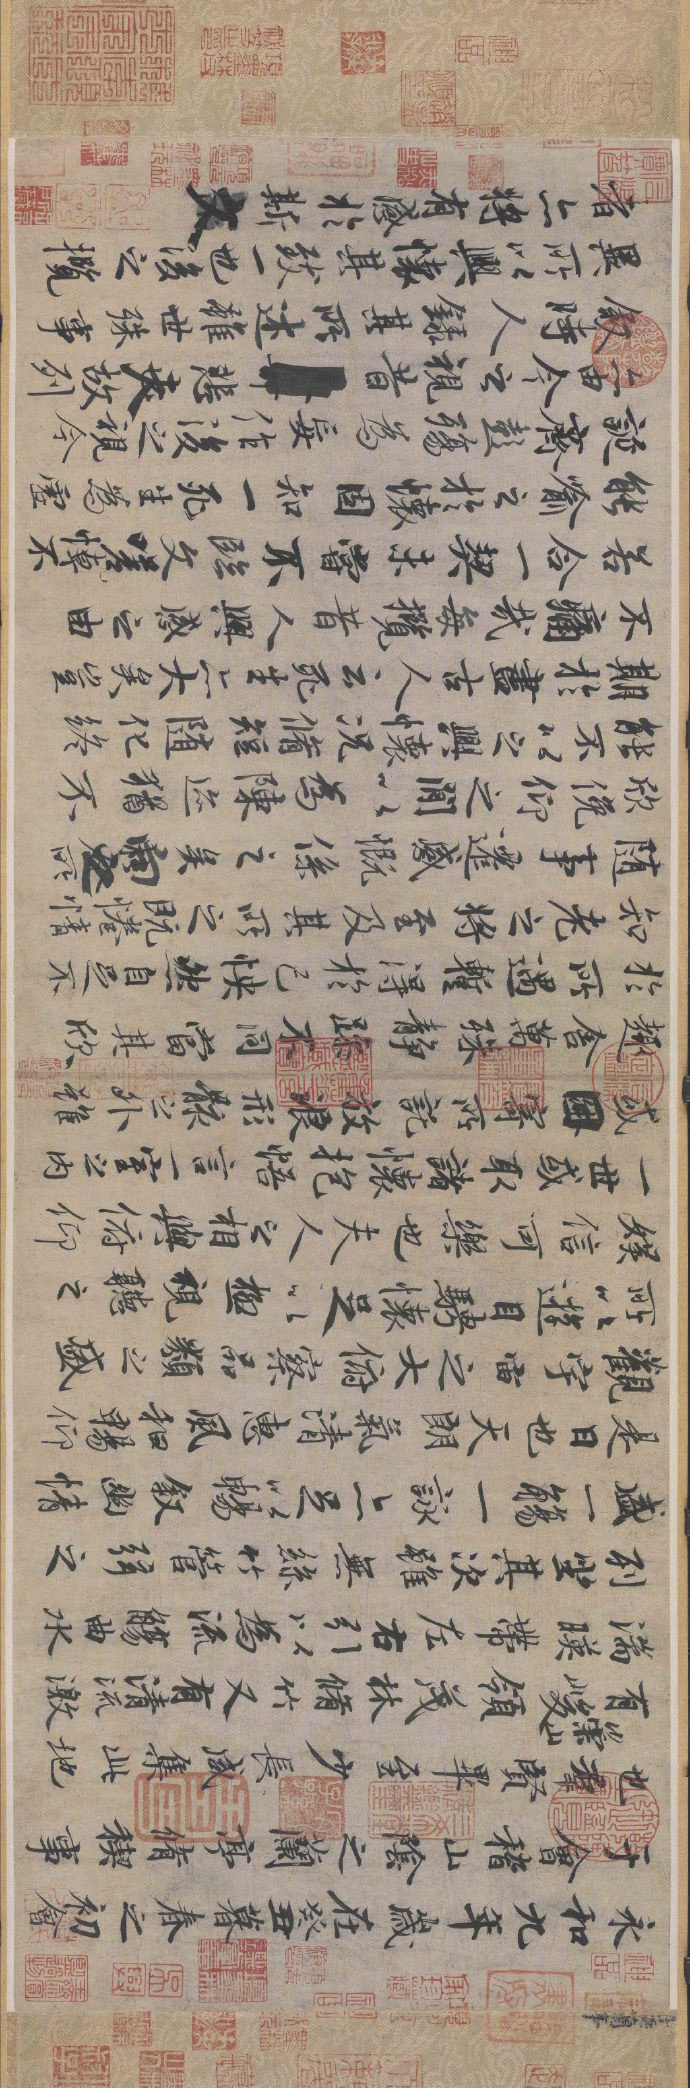 超清版 《晋 王羲之 兰亭序 冯承素 摹》(神龙本画心 ) 纸本 24.5X69